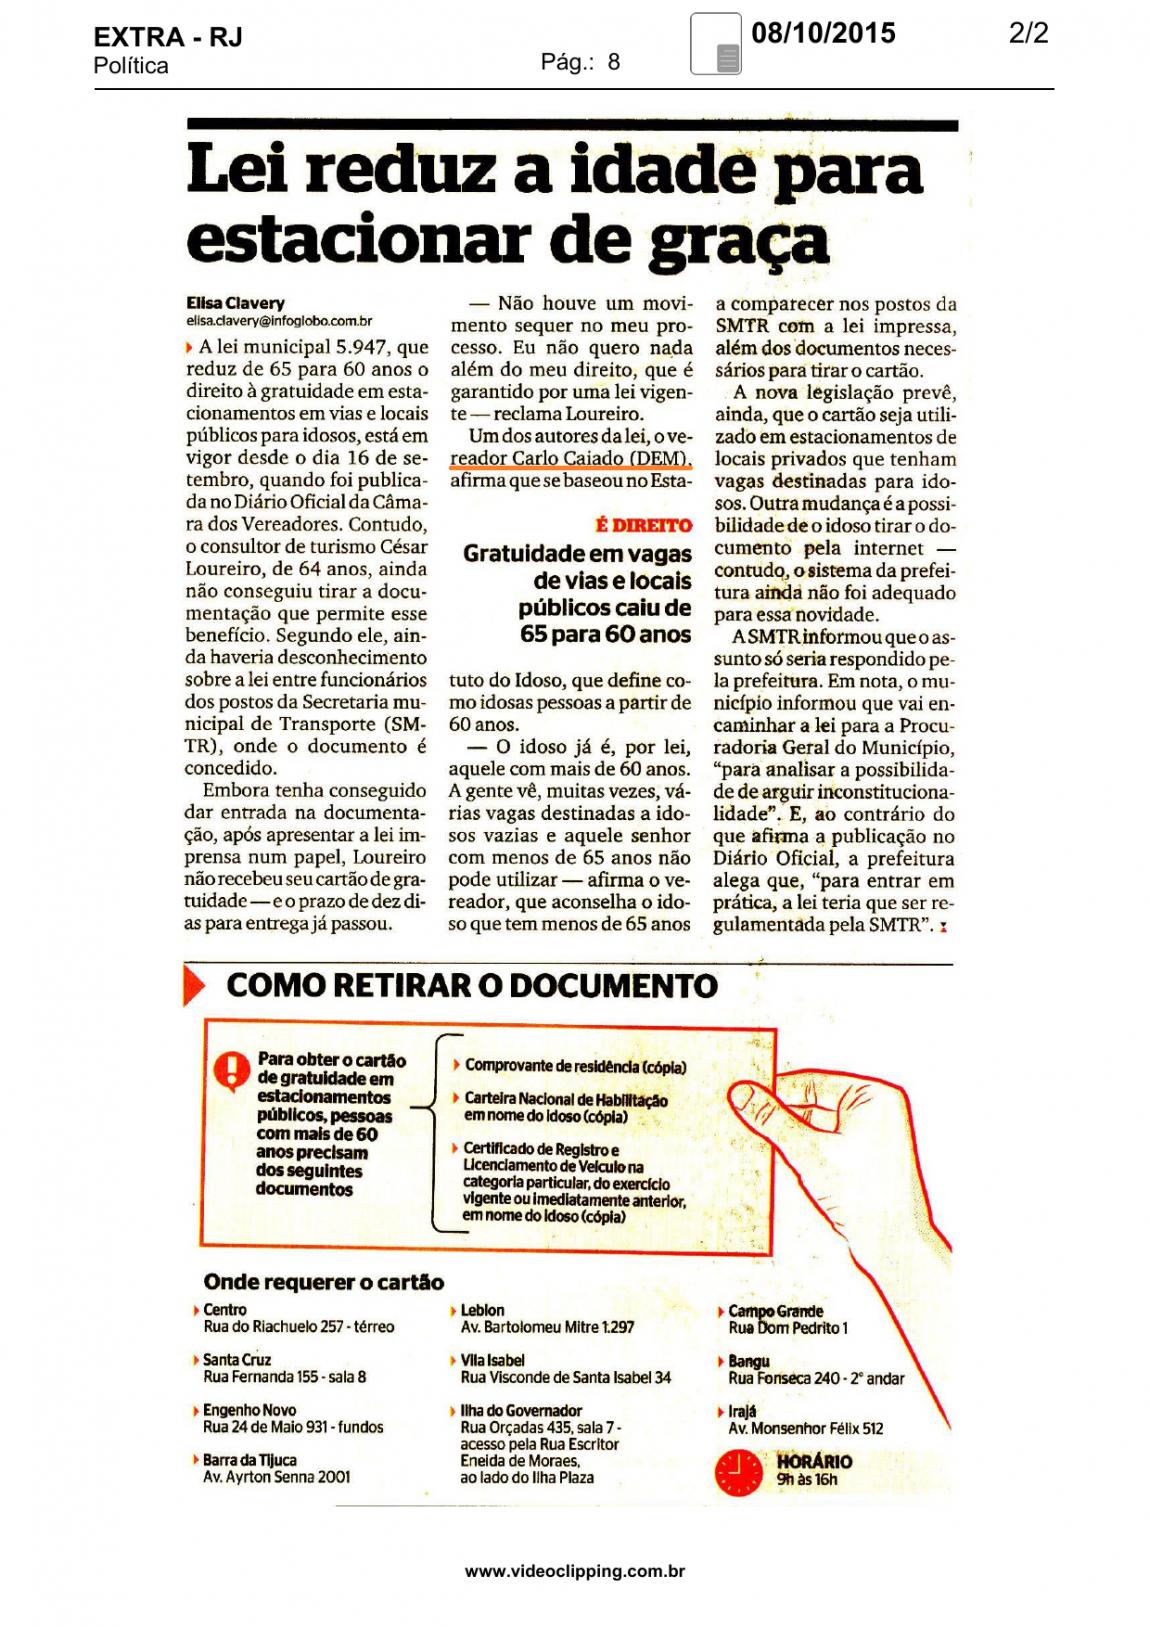 Jornal Extra: Lei reduz idade para estacionar de graça